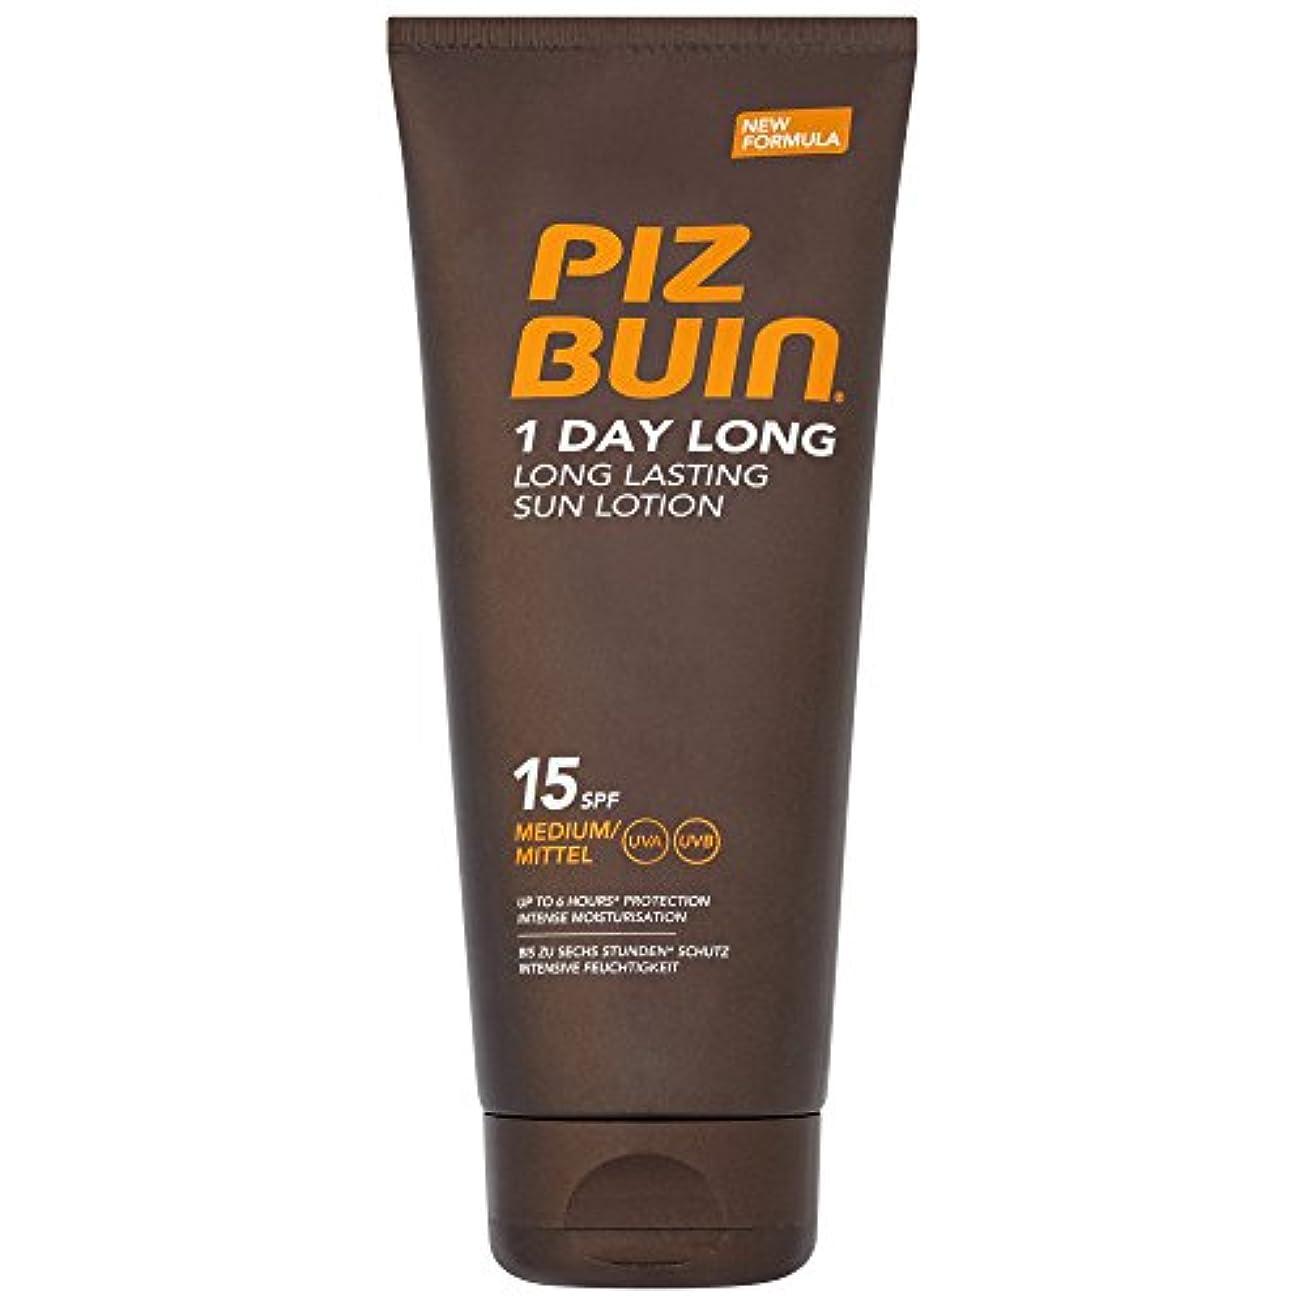 変わる農民不正直ピッツブーインの1日長い15の日焼けローション200 x4 - Piz Buin 1 Day Long SPF15 Sun Lotion 200ml (Pack of 4) [並行輸入品]